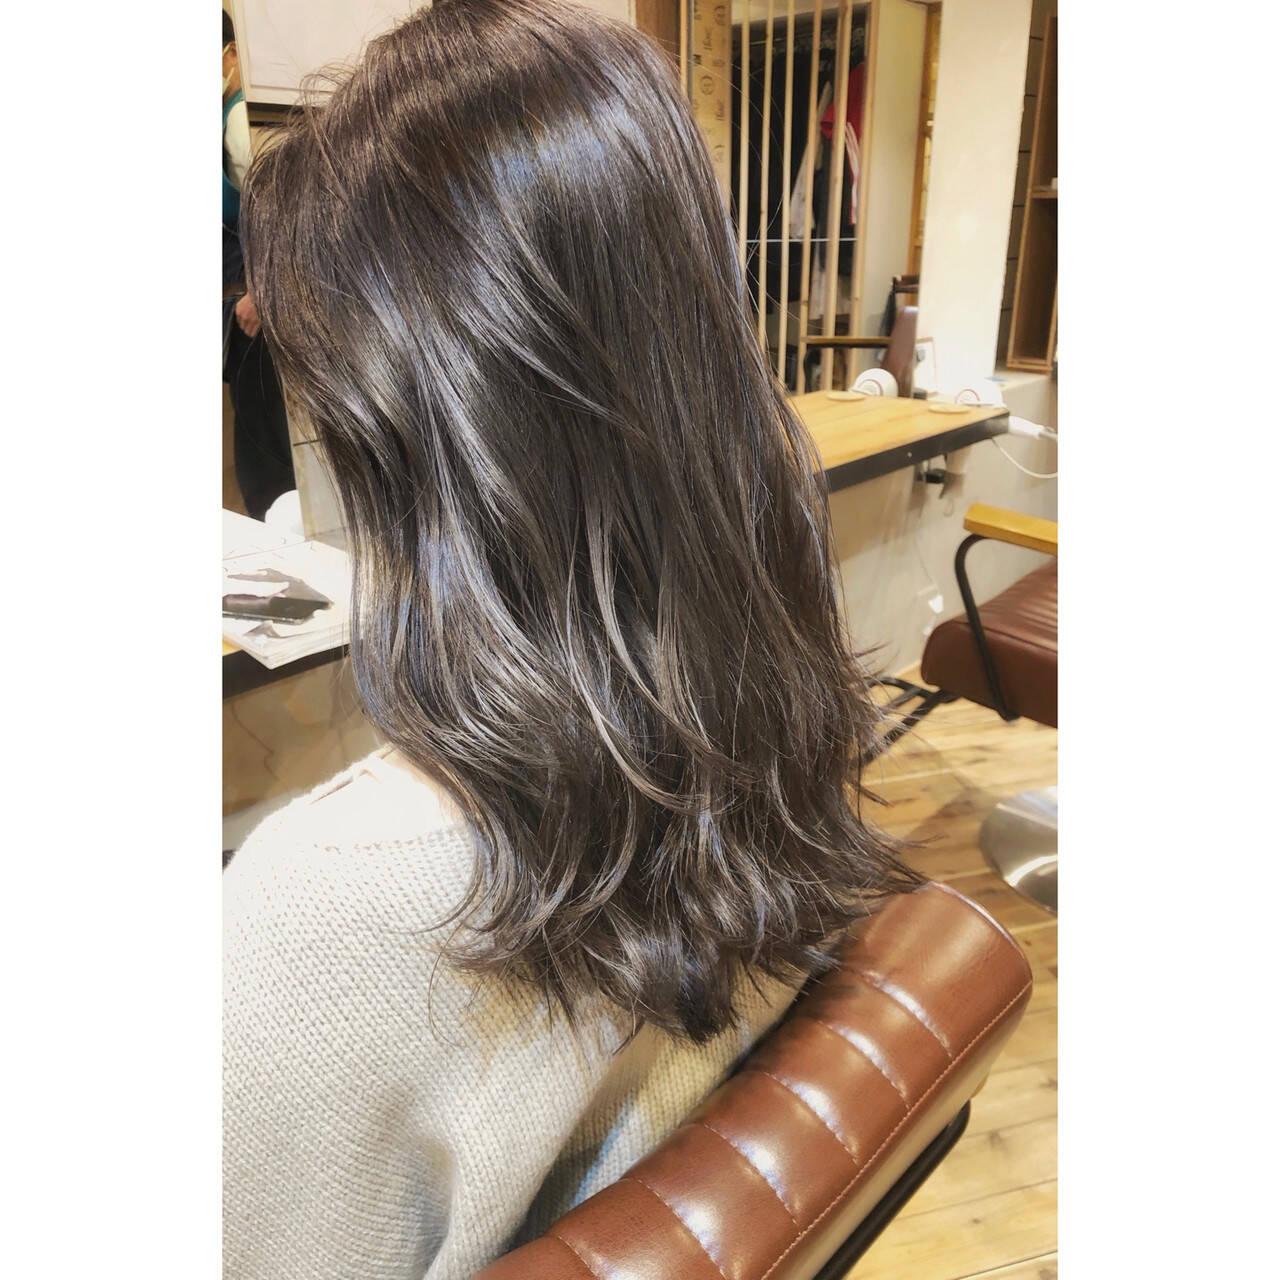 セミロング ナチュラル デジタルパーマ パーマヘアスタイルや髪型の写真・画像